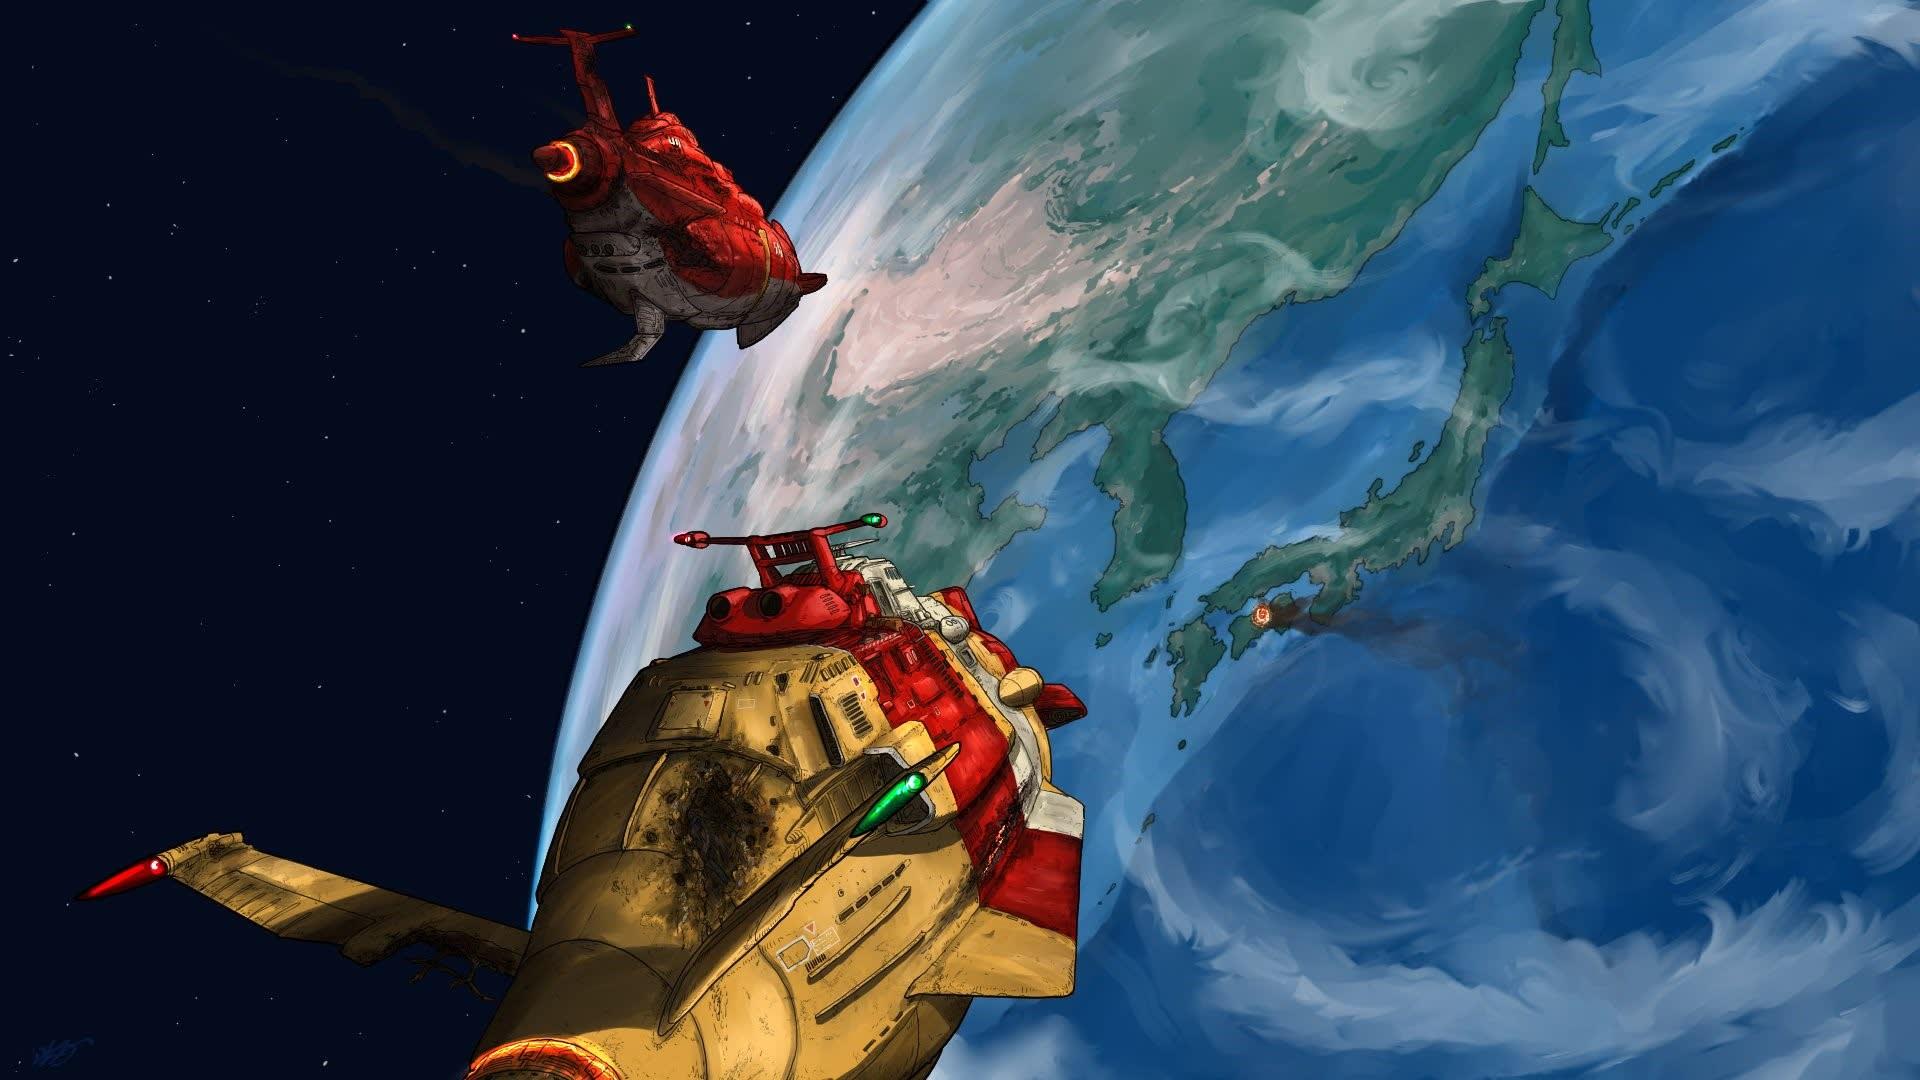 宇宙戦艦ヤマト2199外伝 第二次火星沖海戦 後編 我が家の地球防衛艦隊